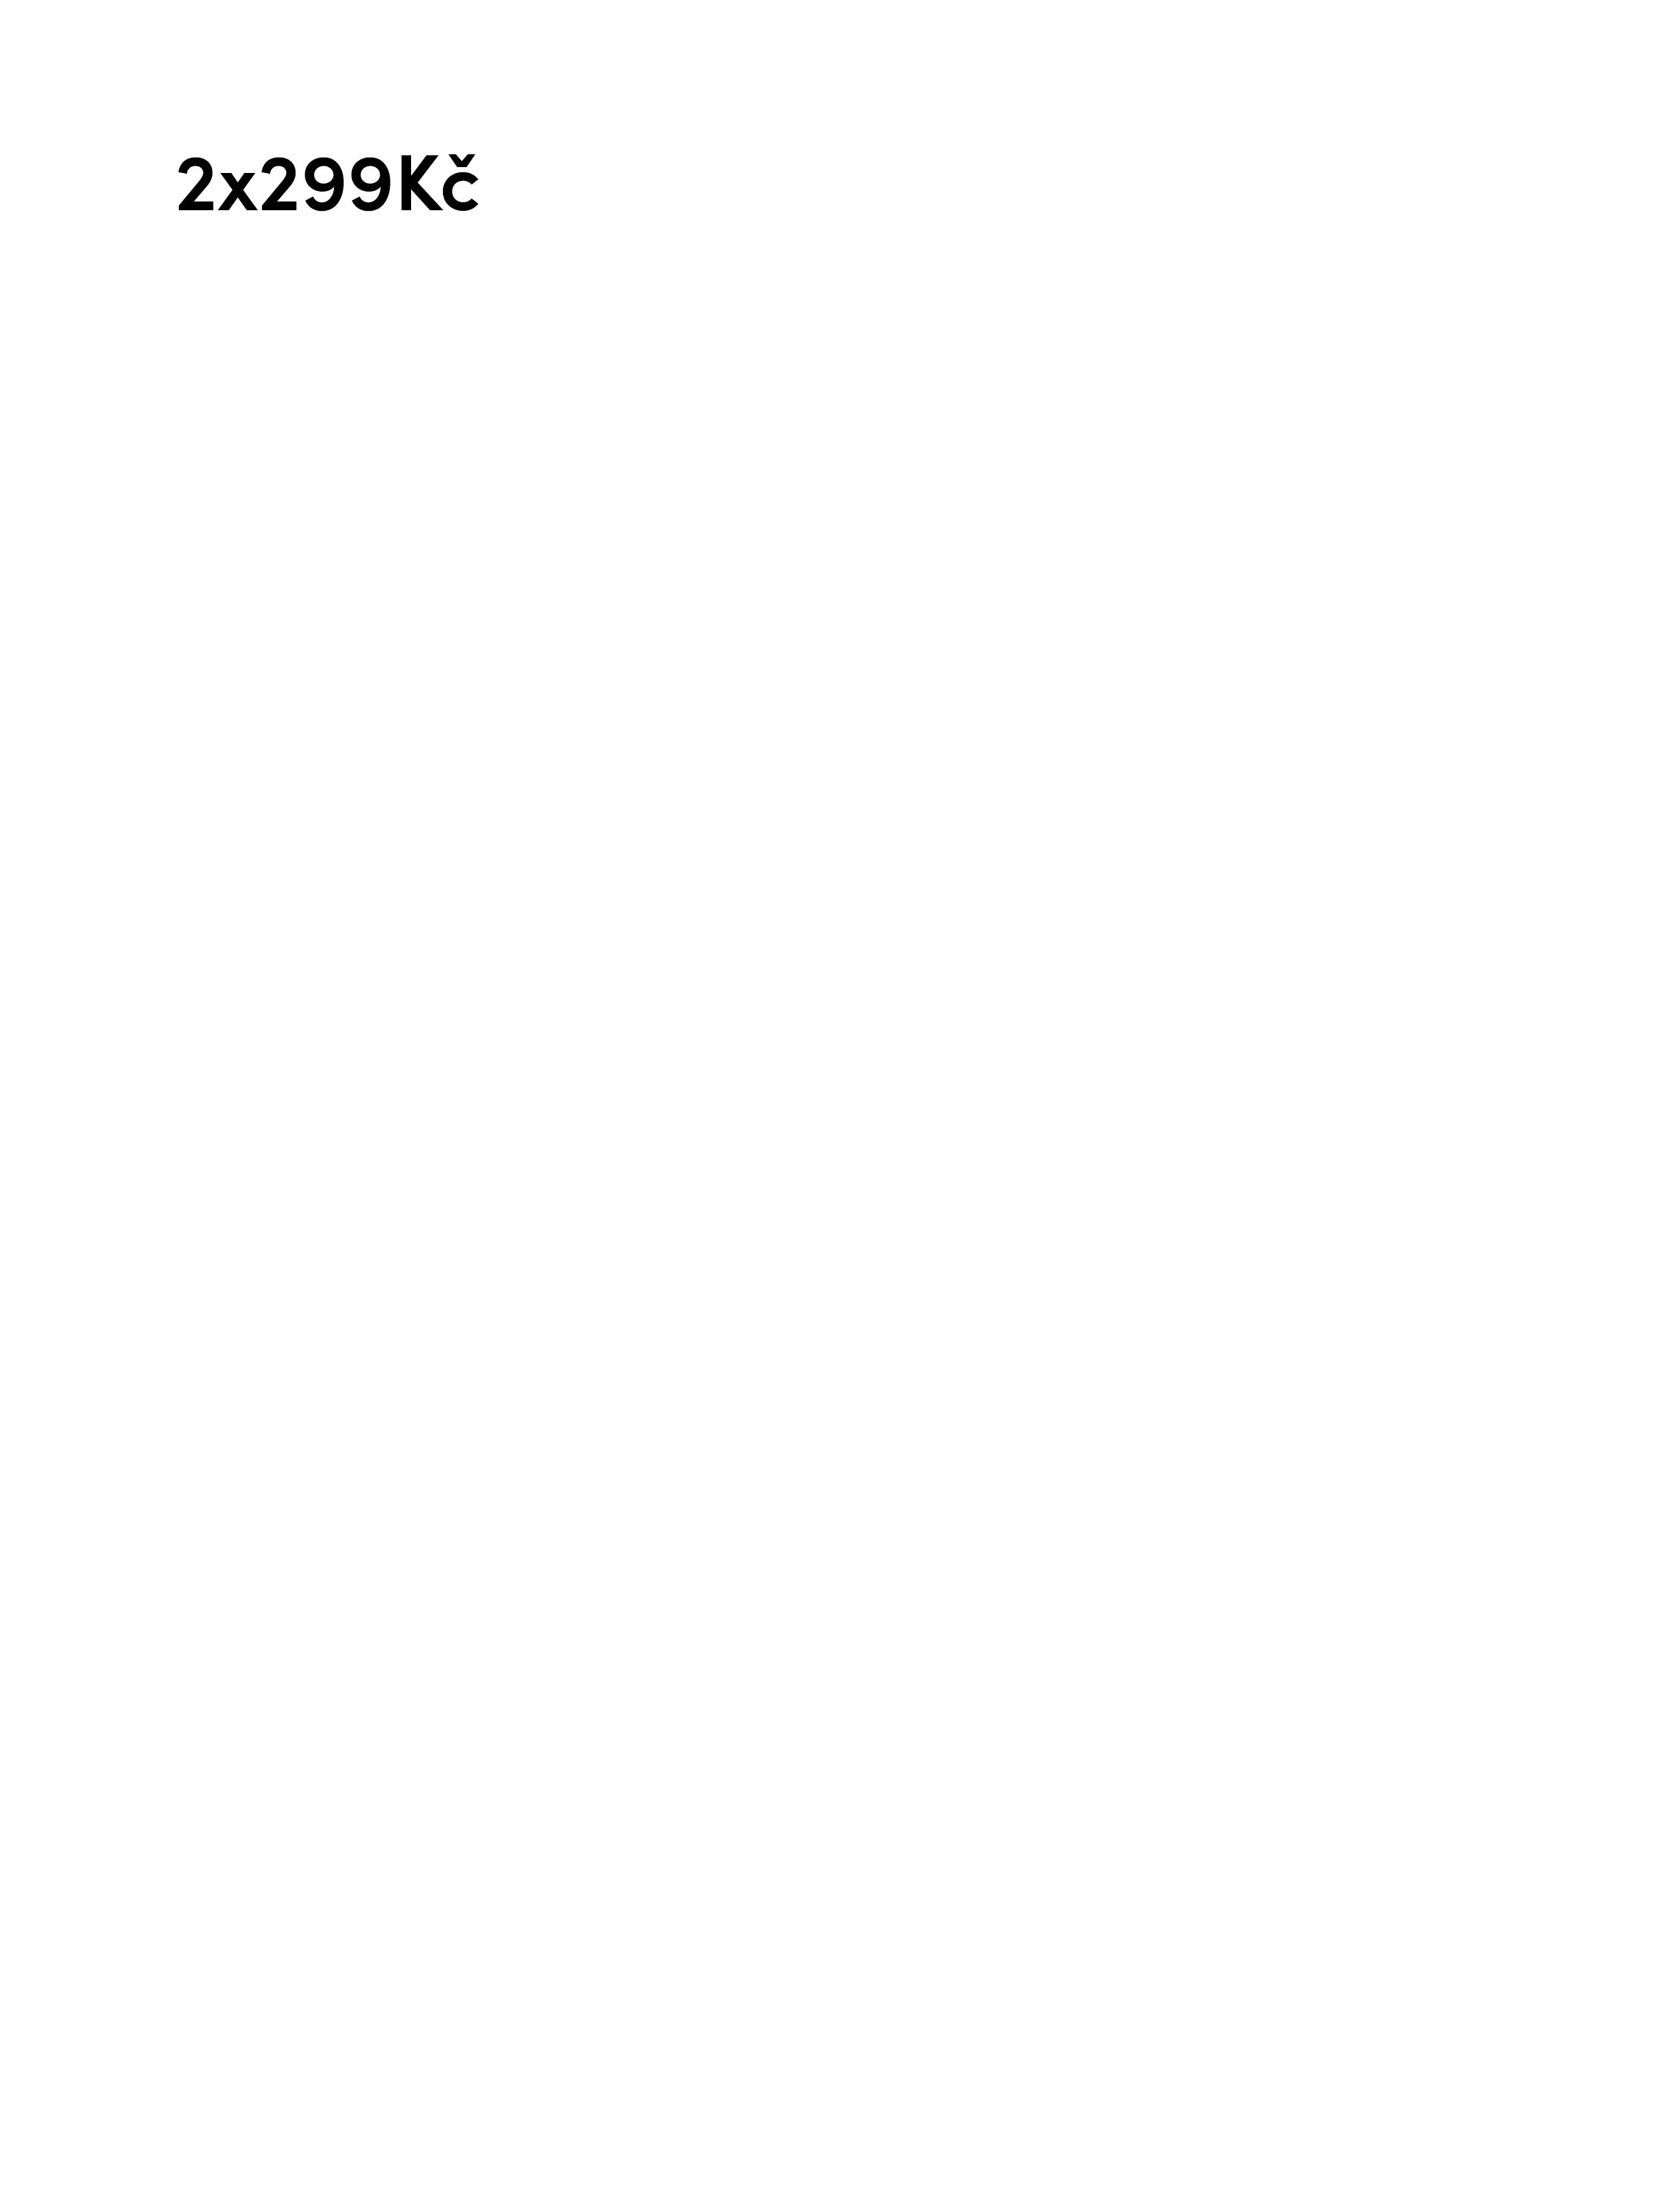 CZ_2x299